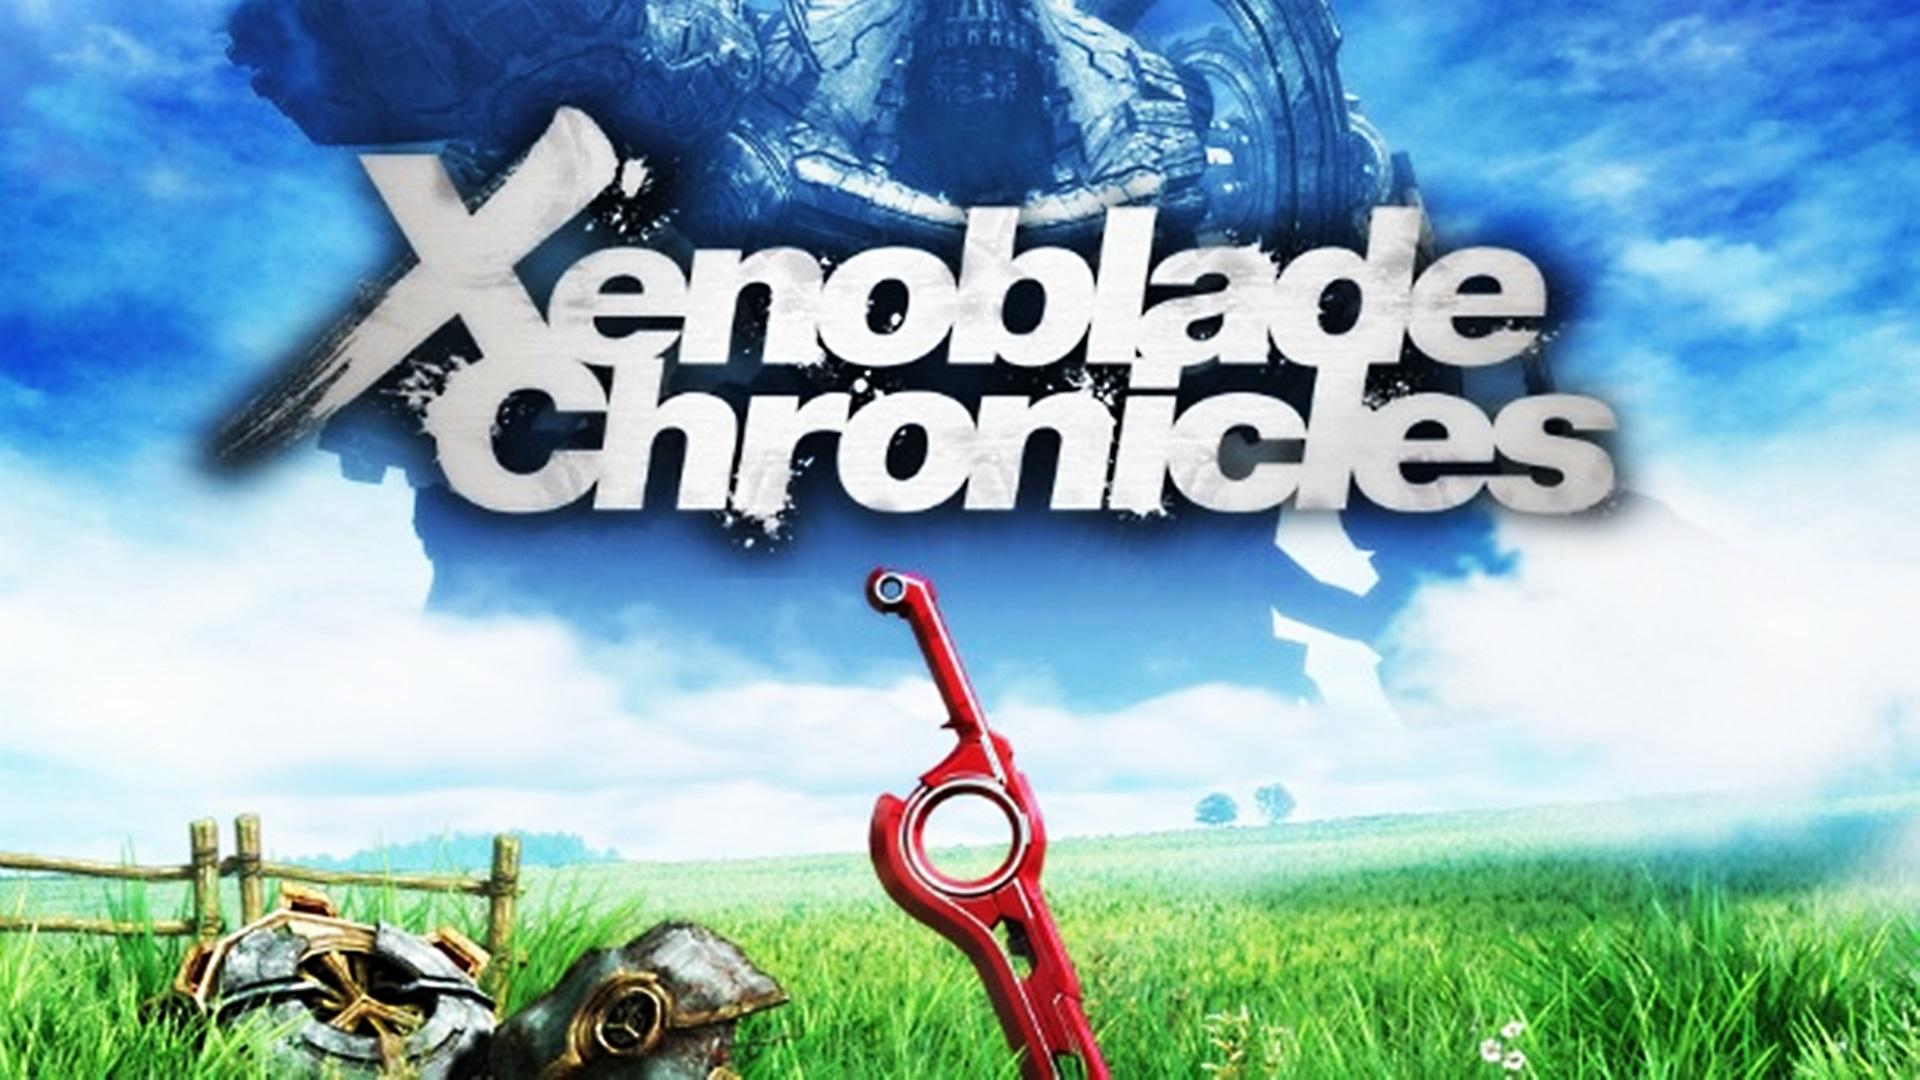 Nintendo 3ds Wallpaper Codes Xenoblade Chronicles